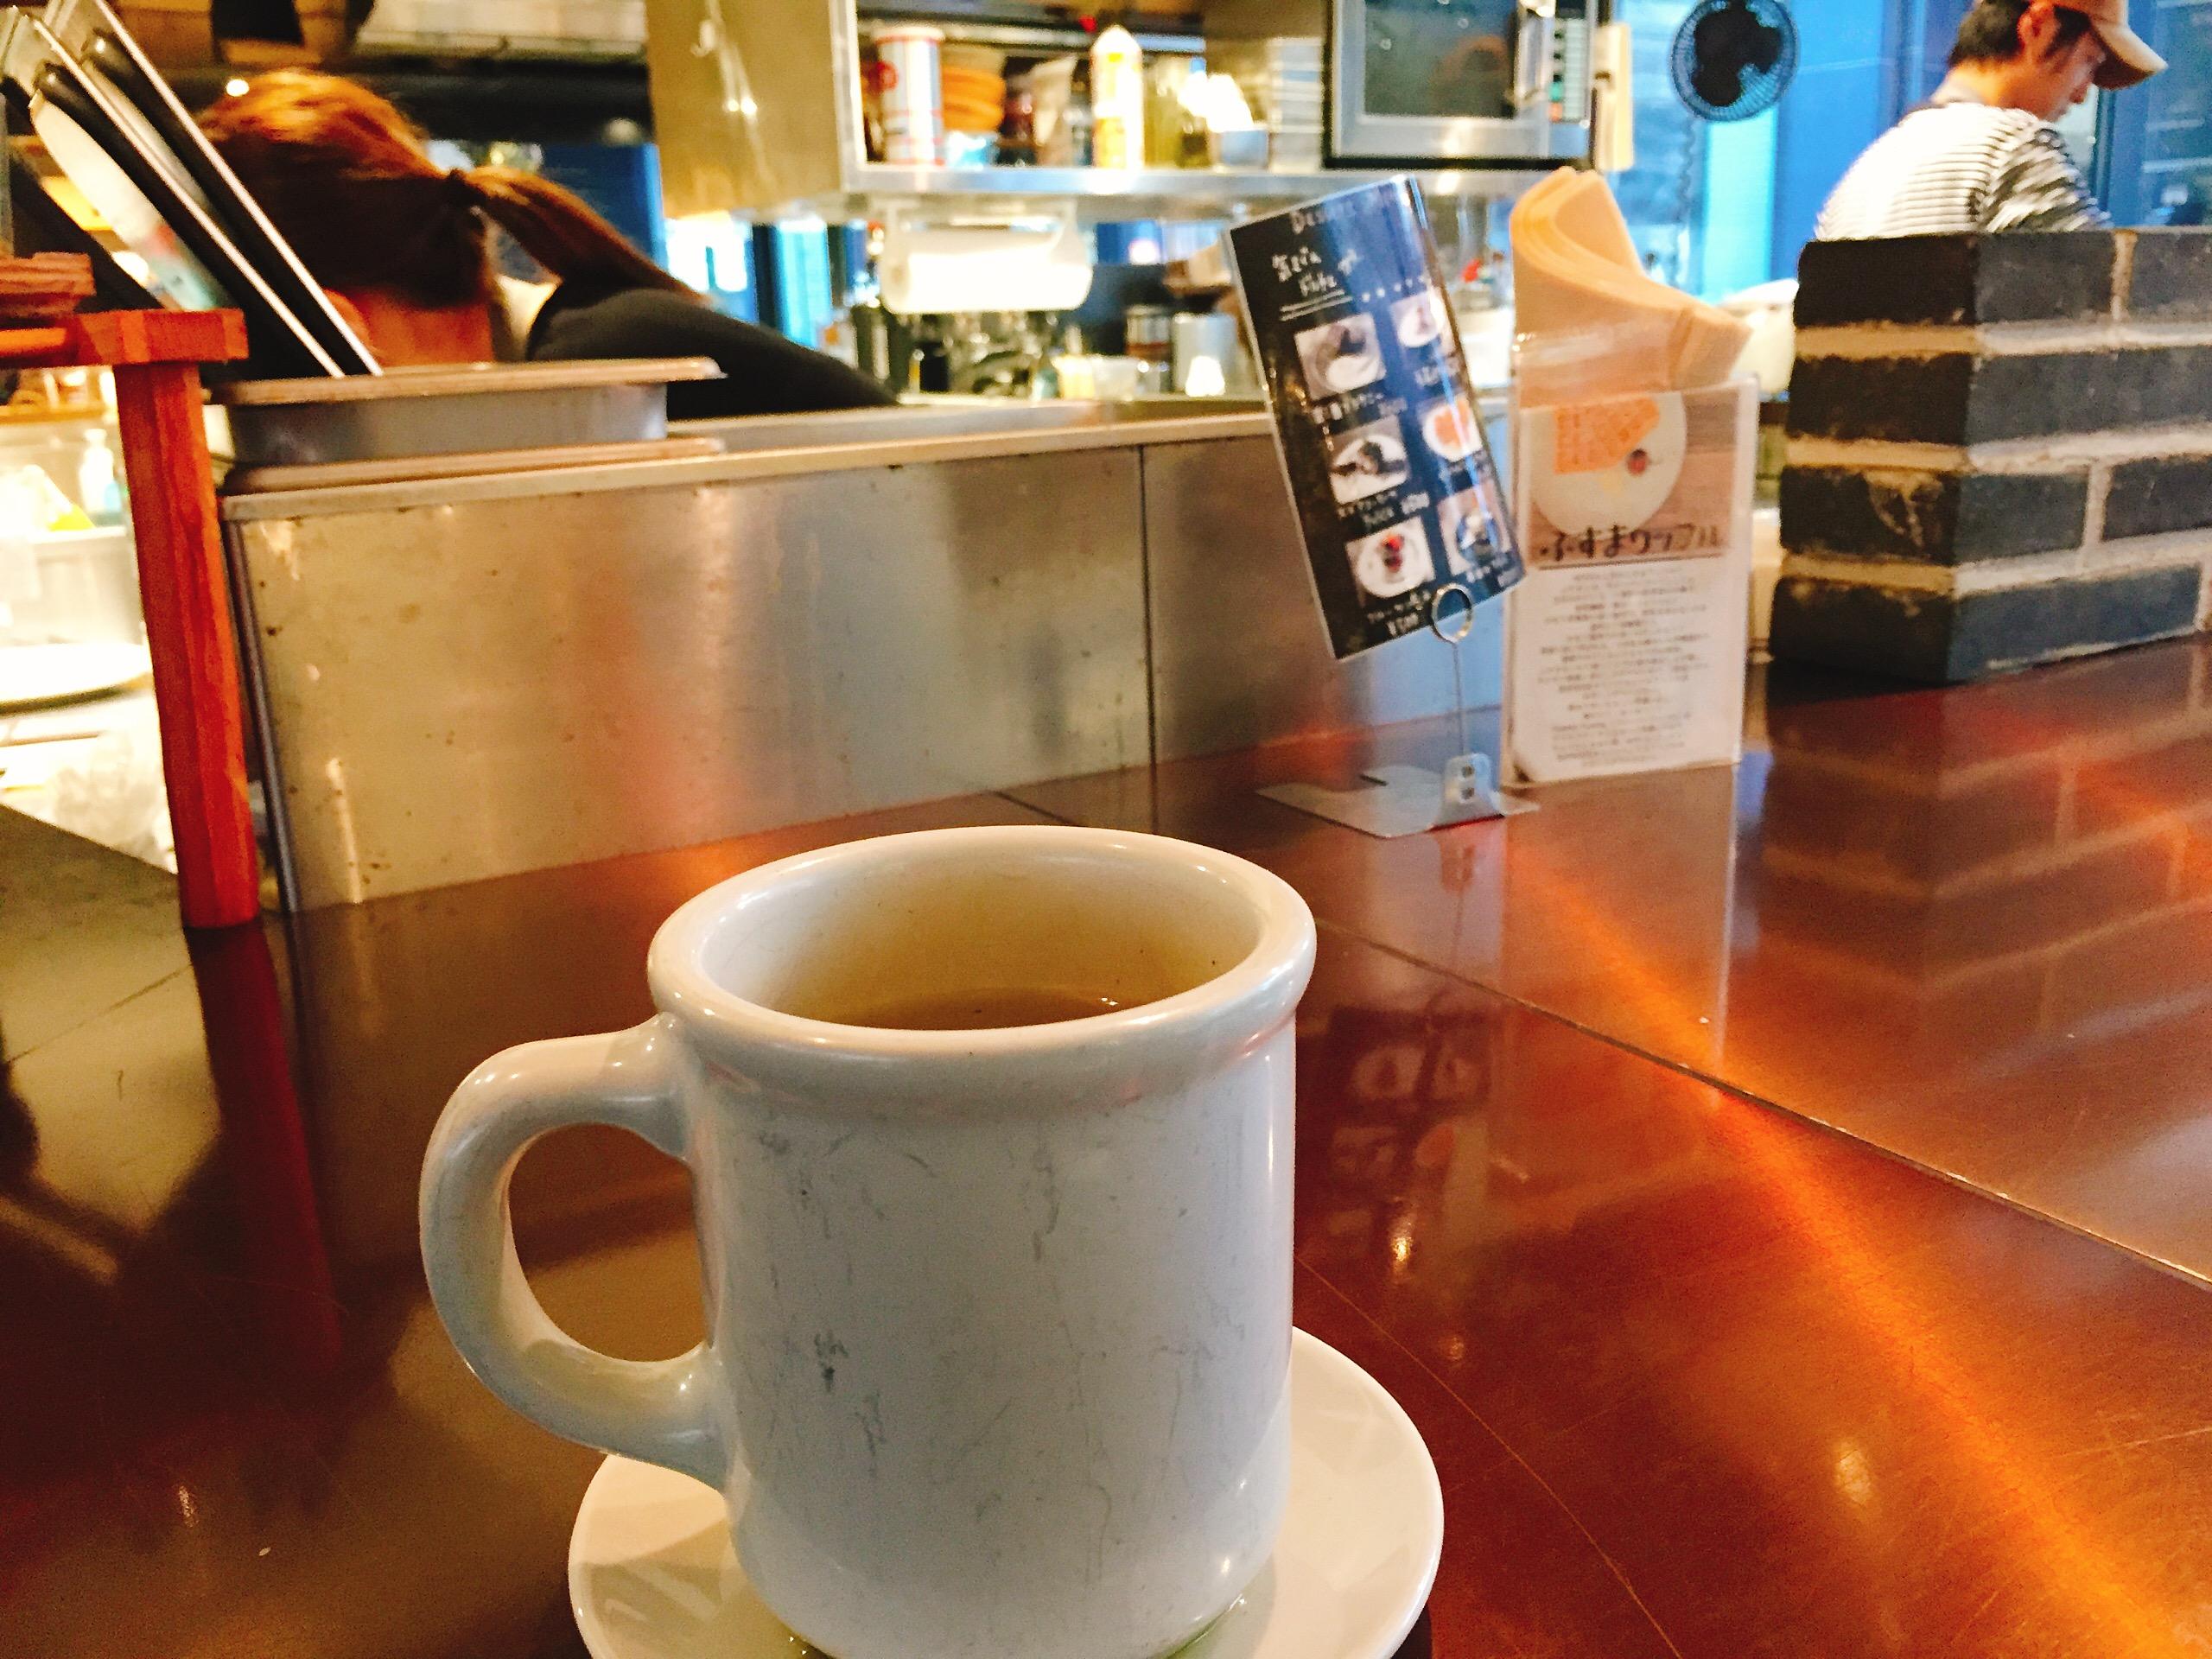 代々木上原駅西口 電源カフェ NODE UEHARA Cafe,Bar&Deri(ノードウエハラ カフェバーアンドデリ)